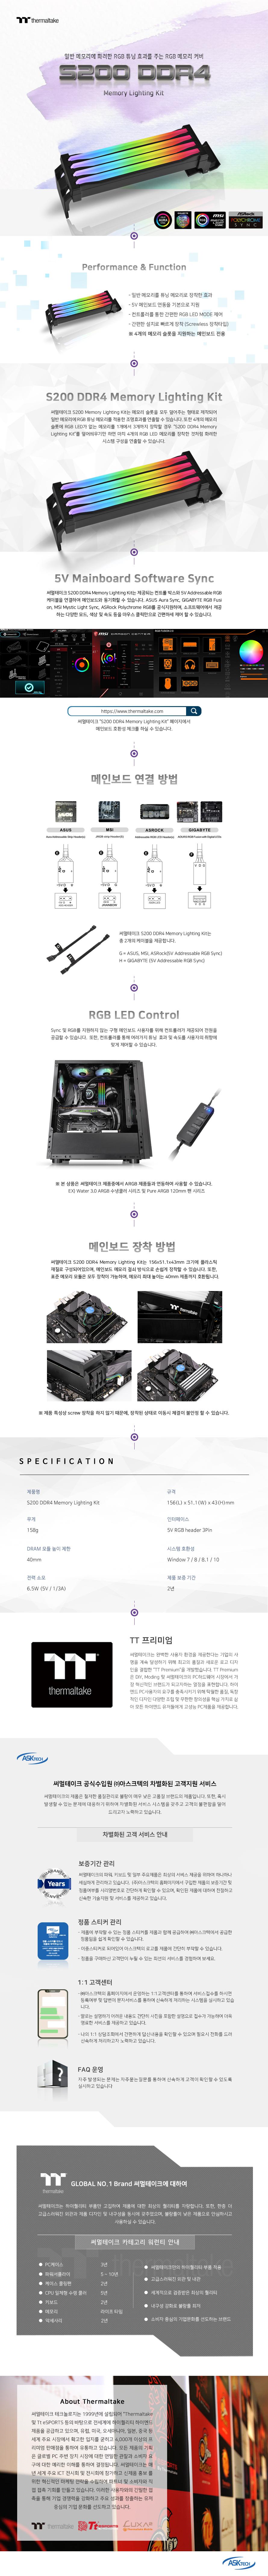 써멀테이크 S200 DDR4 메모리 라이팅 키트